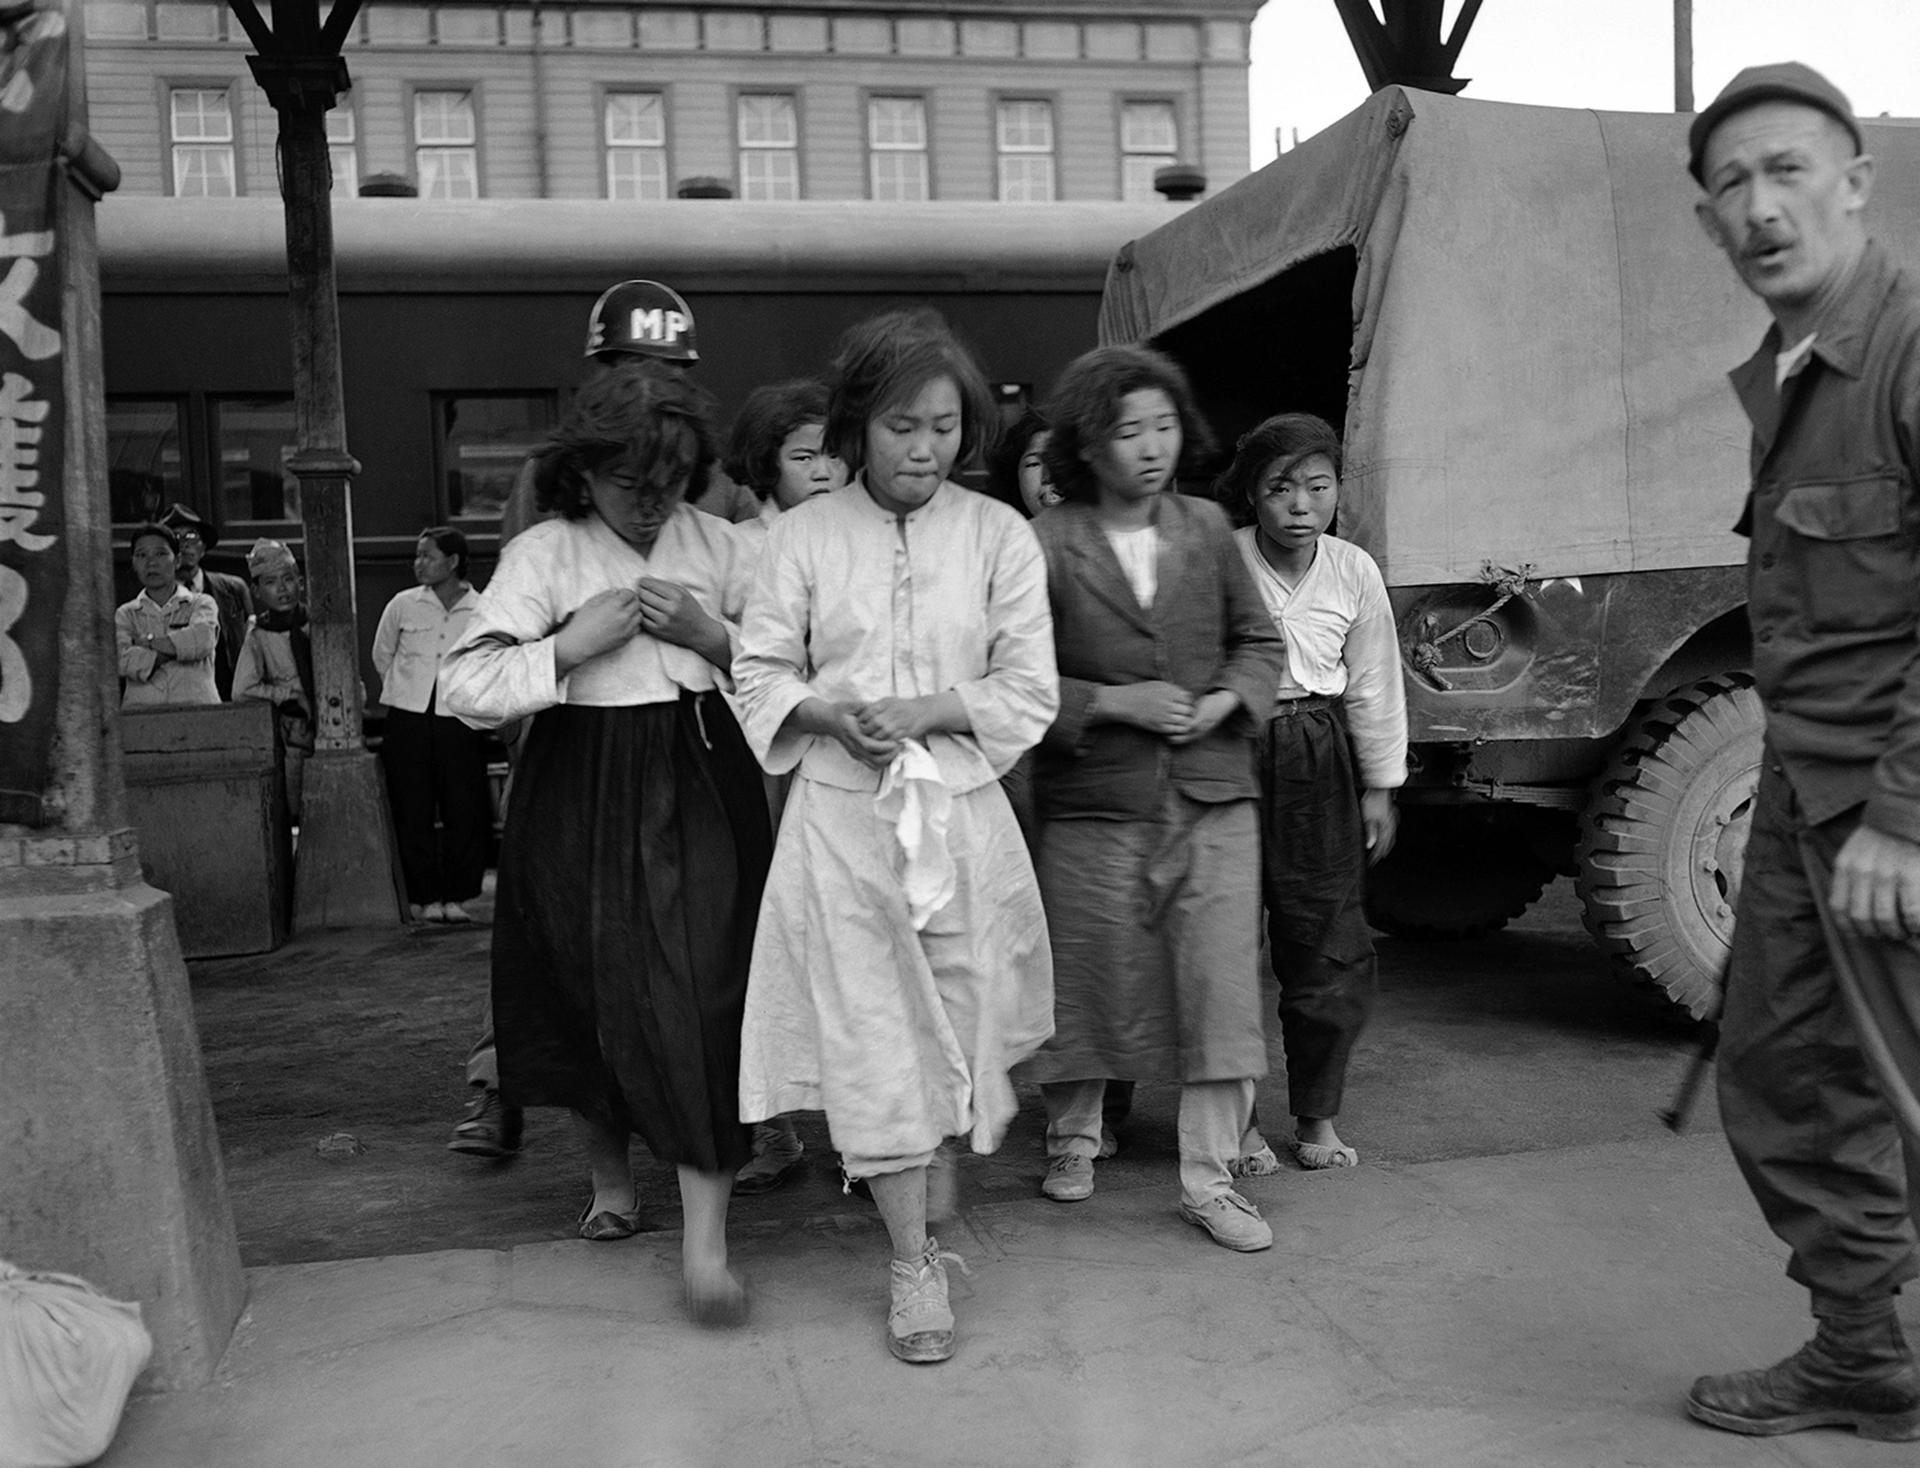 Capturadas por las fuerzas estadounidenses en la zona de Daegu Corea del Sur el 8 de octubre de 1950, estas chicas de Corea del Norte son enviadas en un tren a un campo de prisioneros en Pusan (AP)